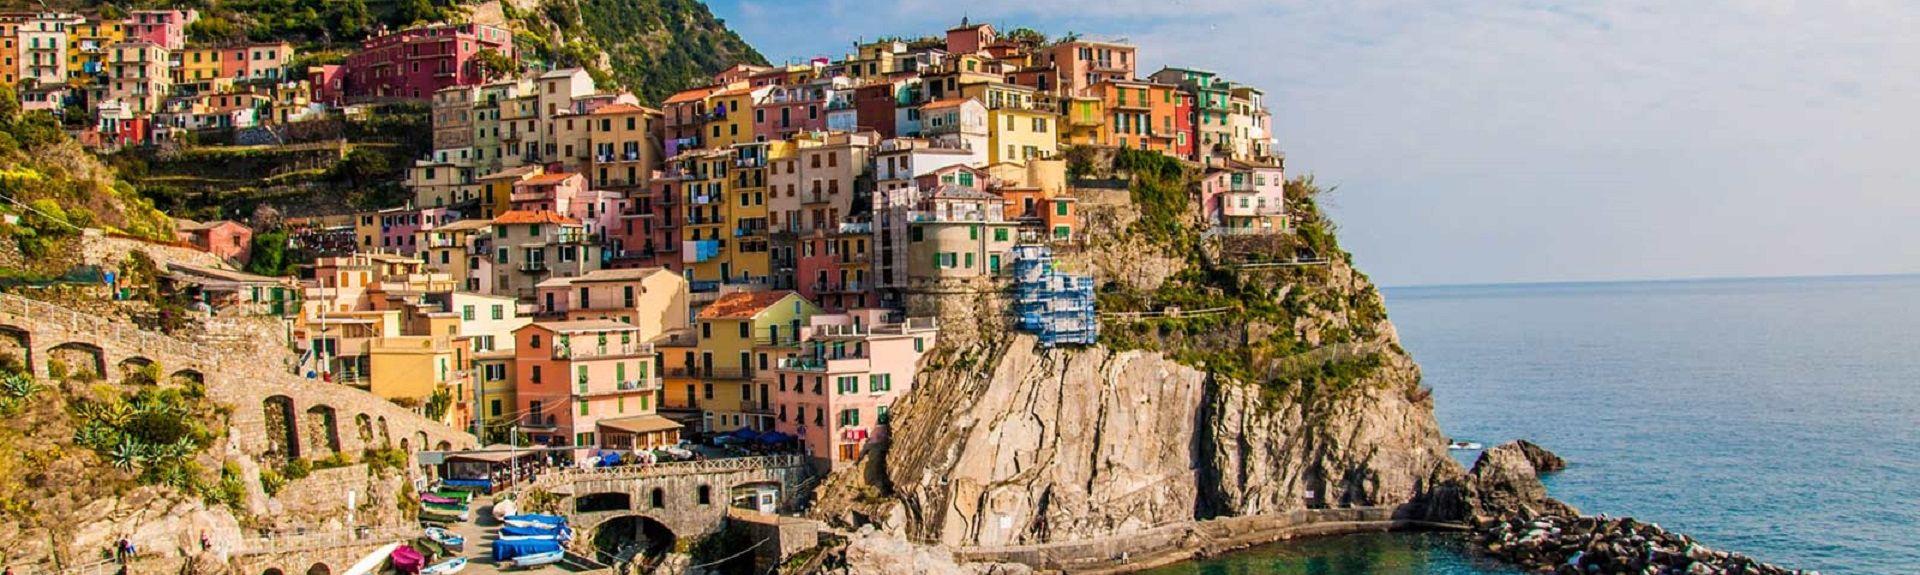 Comano, Massa and Carrara, Tuscany, Italy